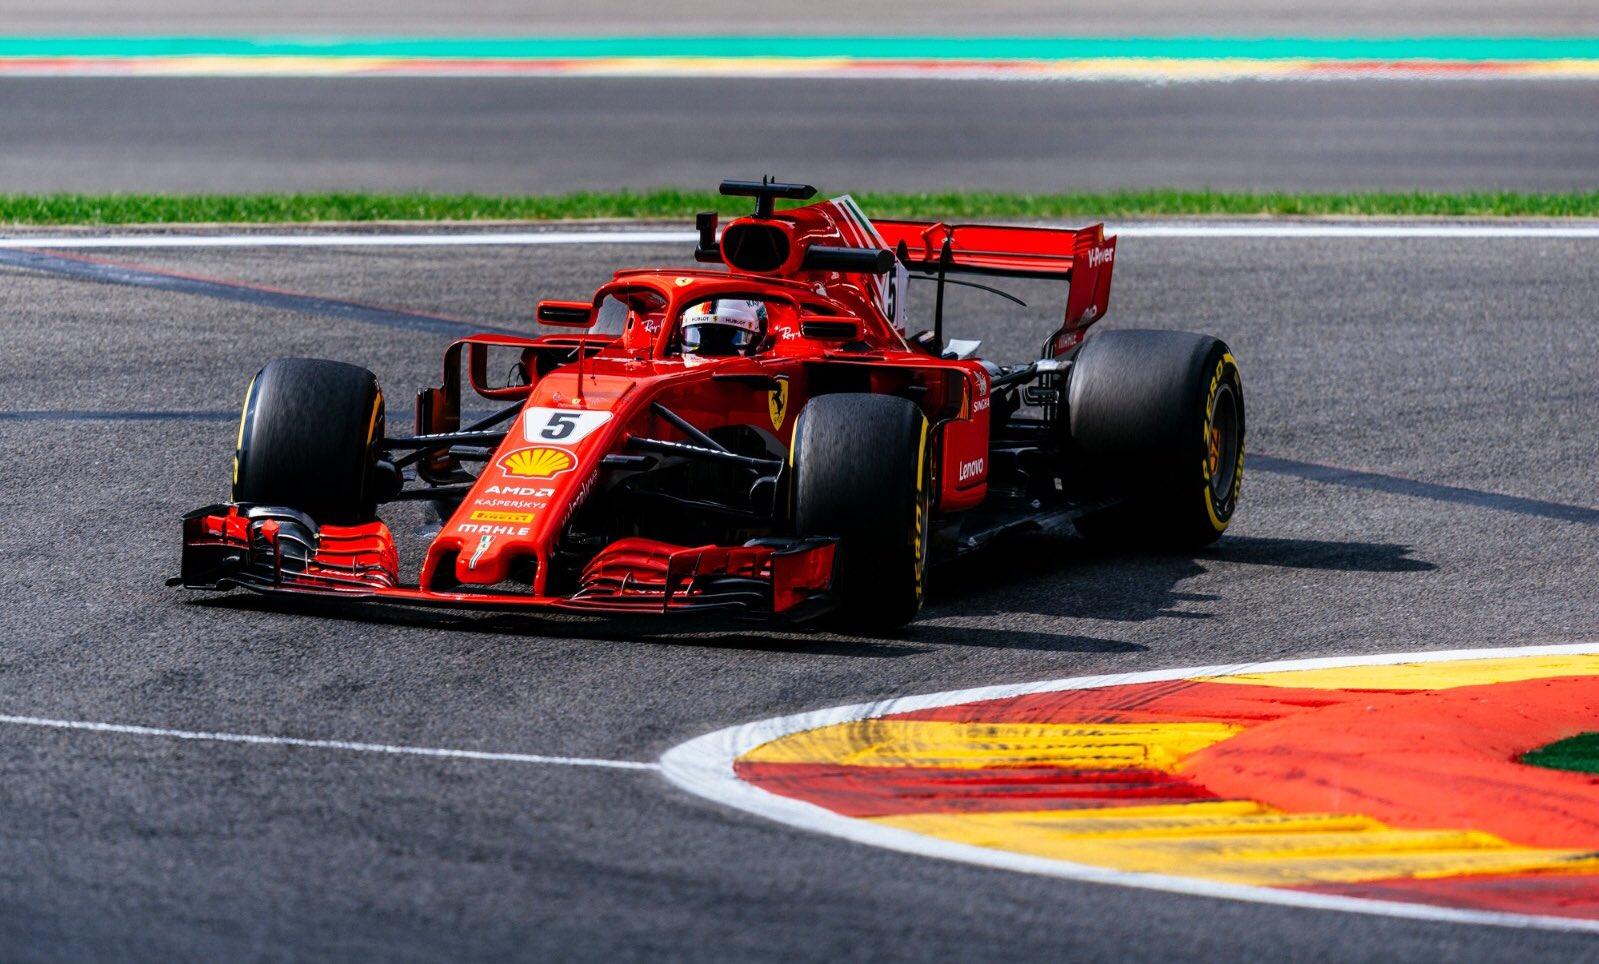 Volano le Ferrari F1 nelle Prove libere 2 a Monza